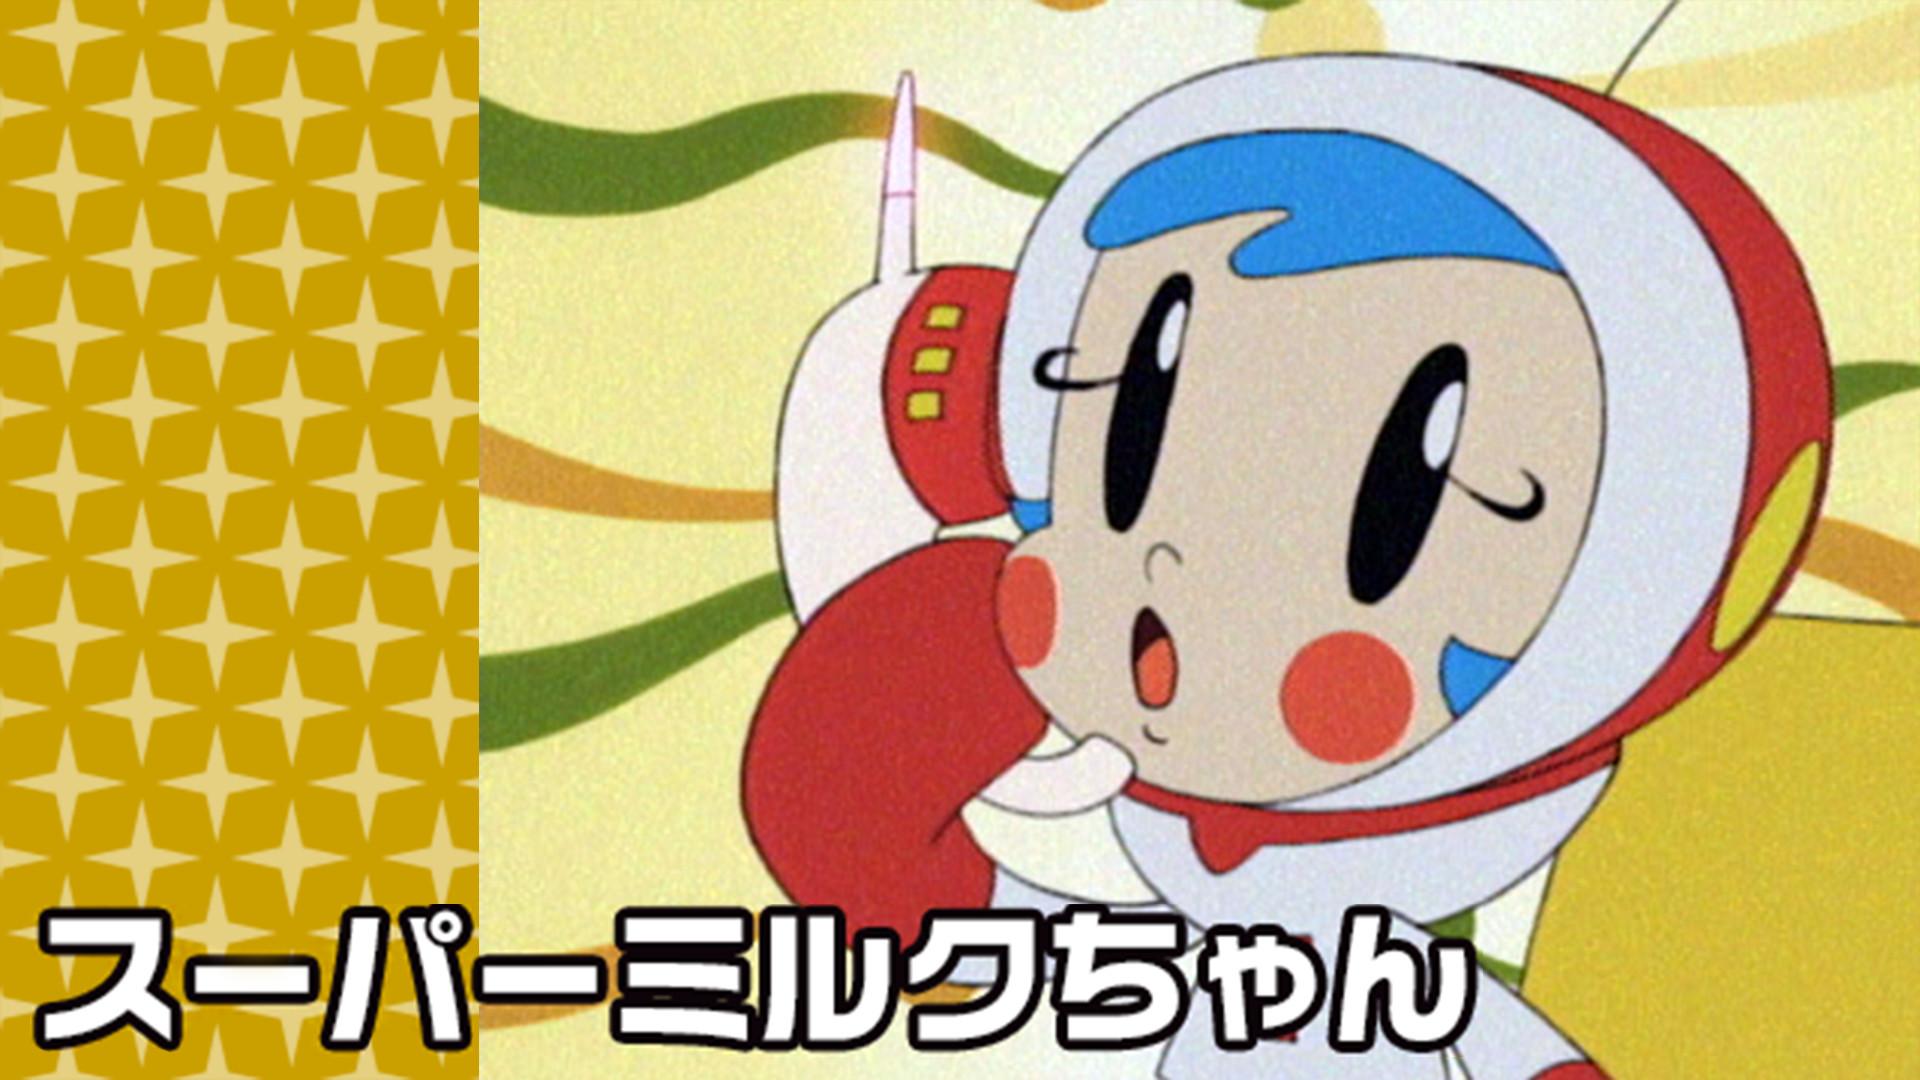 スーパーミルクちゃん(全3話)